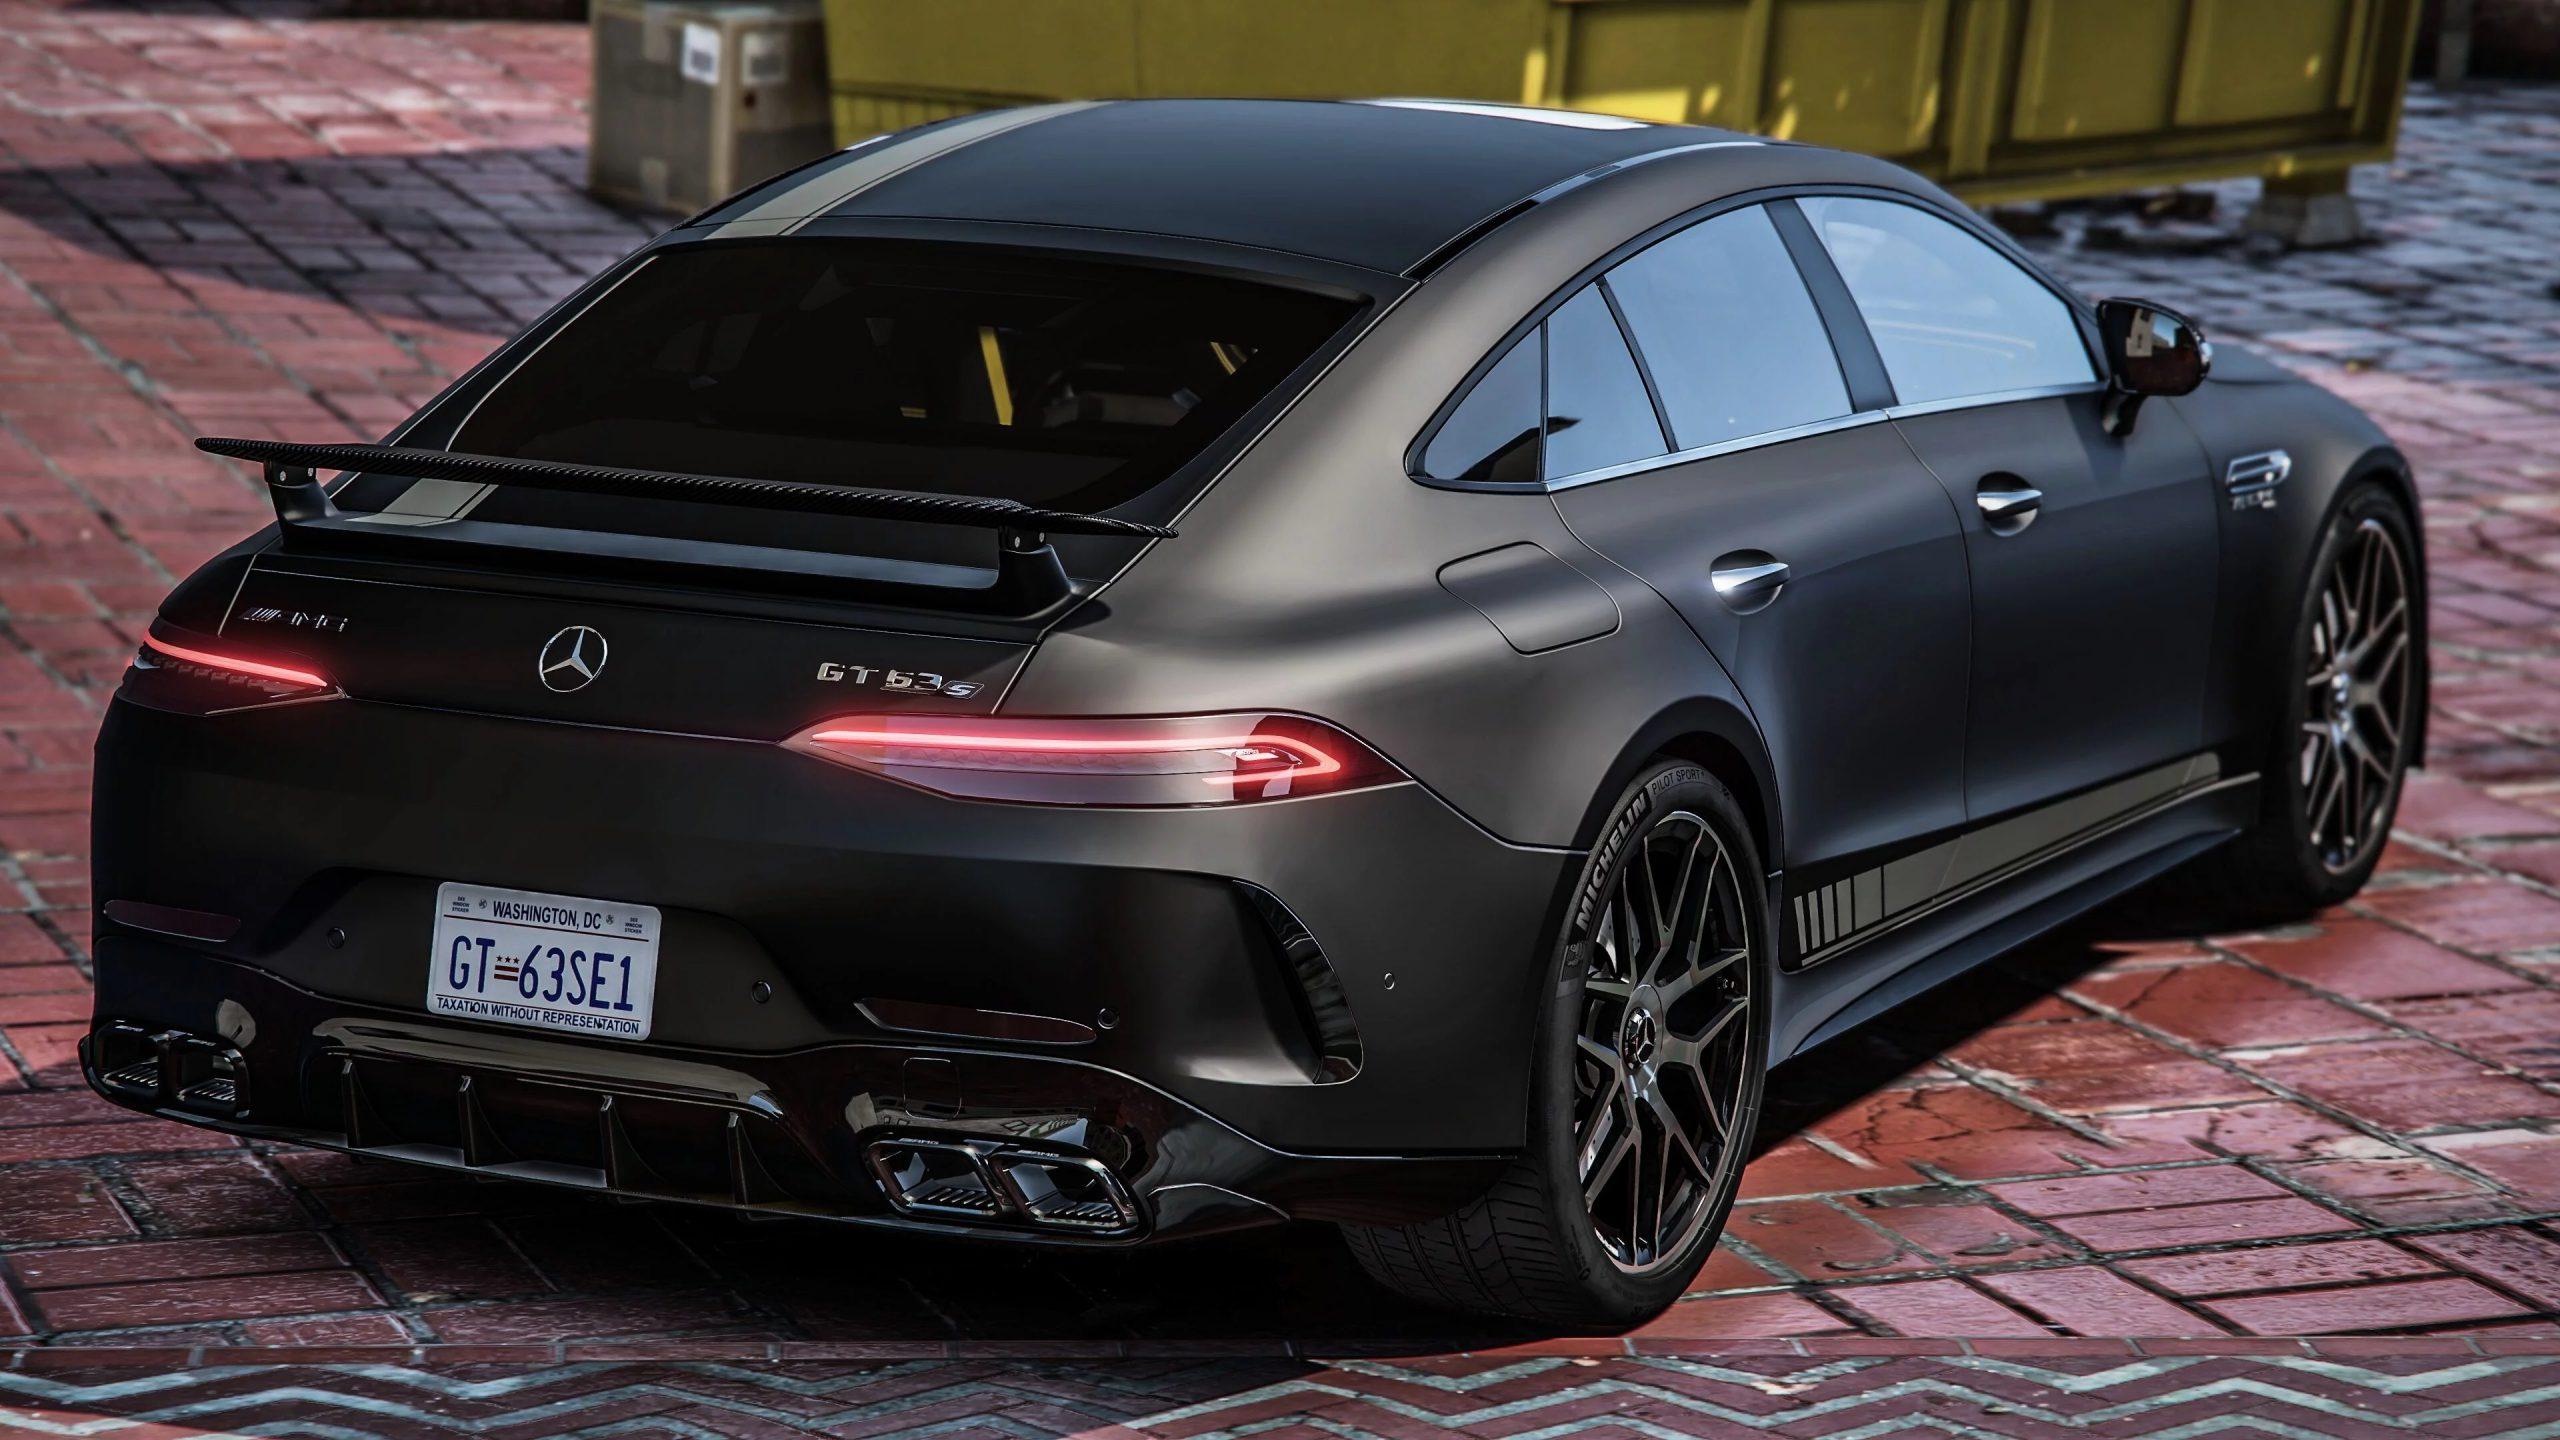 Mercedes-Benz AMG GT63 2018 Replace 1.0 - GTA5mod.net